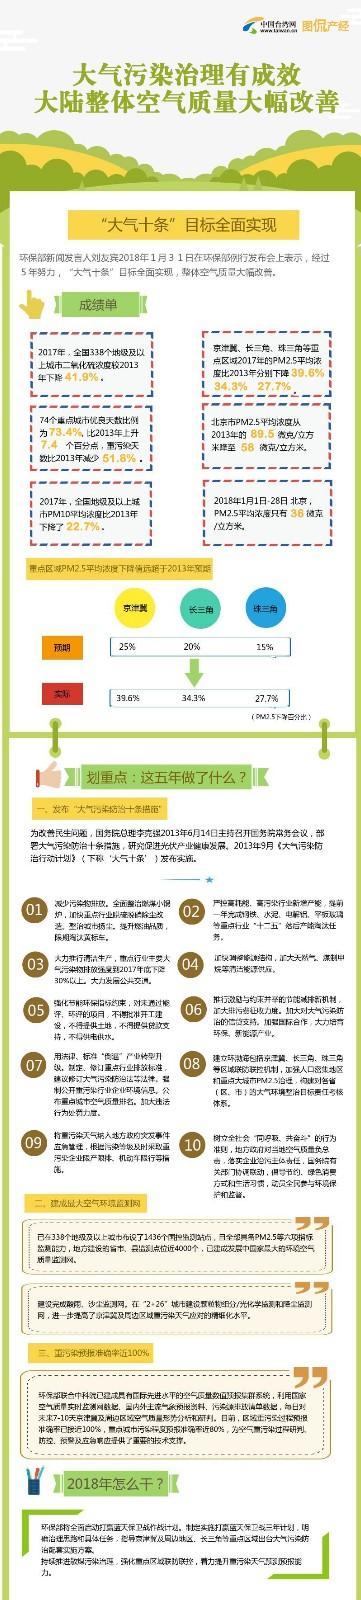 中国台湾网.jpg